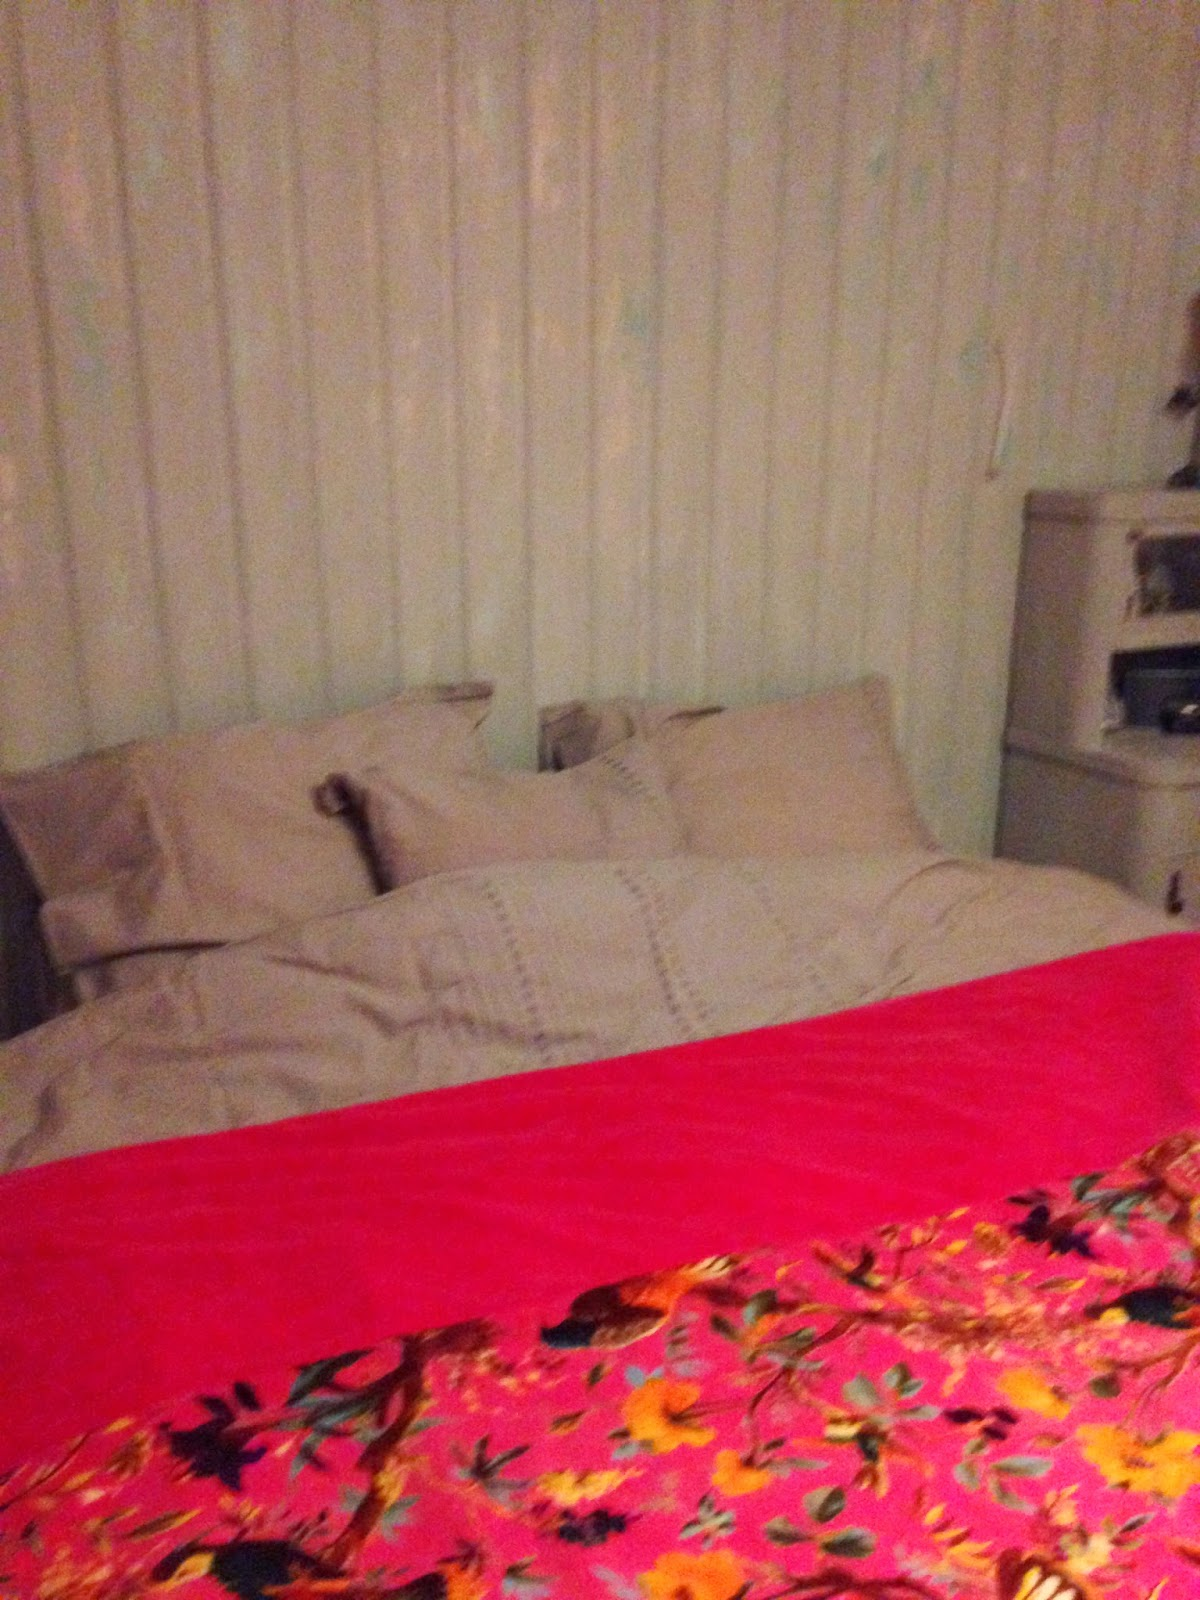 Www.redcherryrodekers.blogspot.nl: housewarming #6a #bedroom